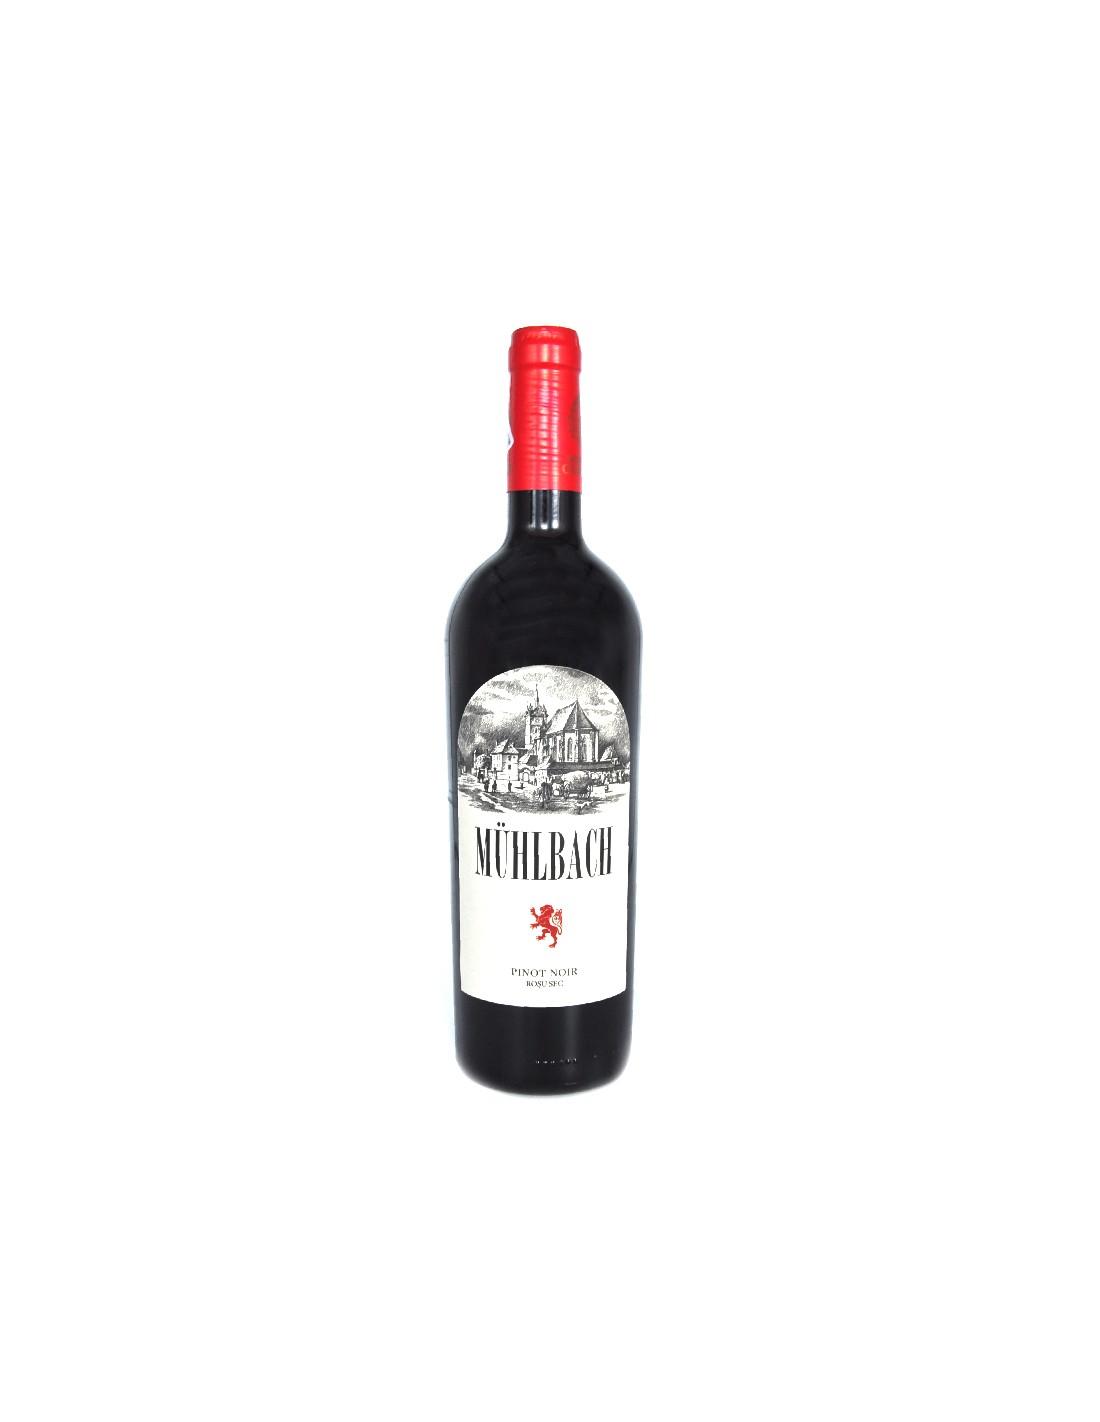 Vin rosu sec, Pinot Noir, Muhlbach, Ciumbrud, 12.6% alc., 0.75L, Romania